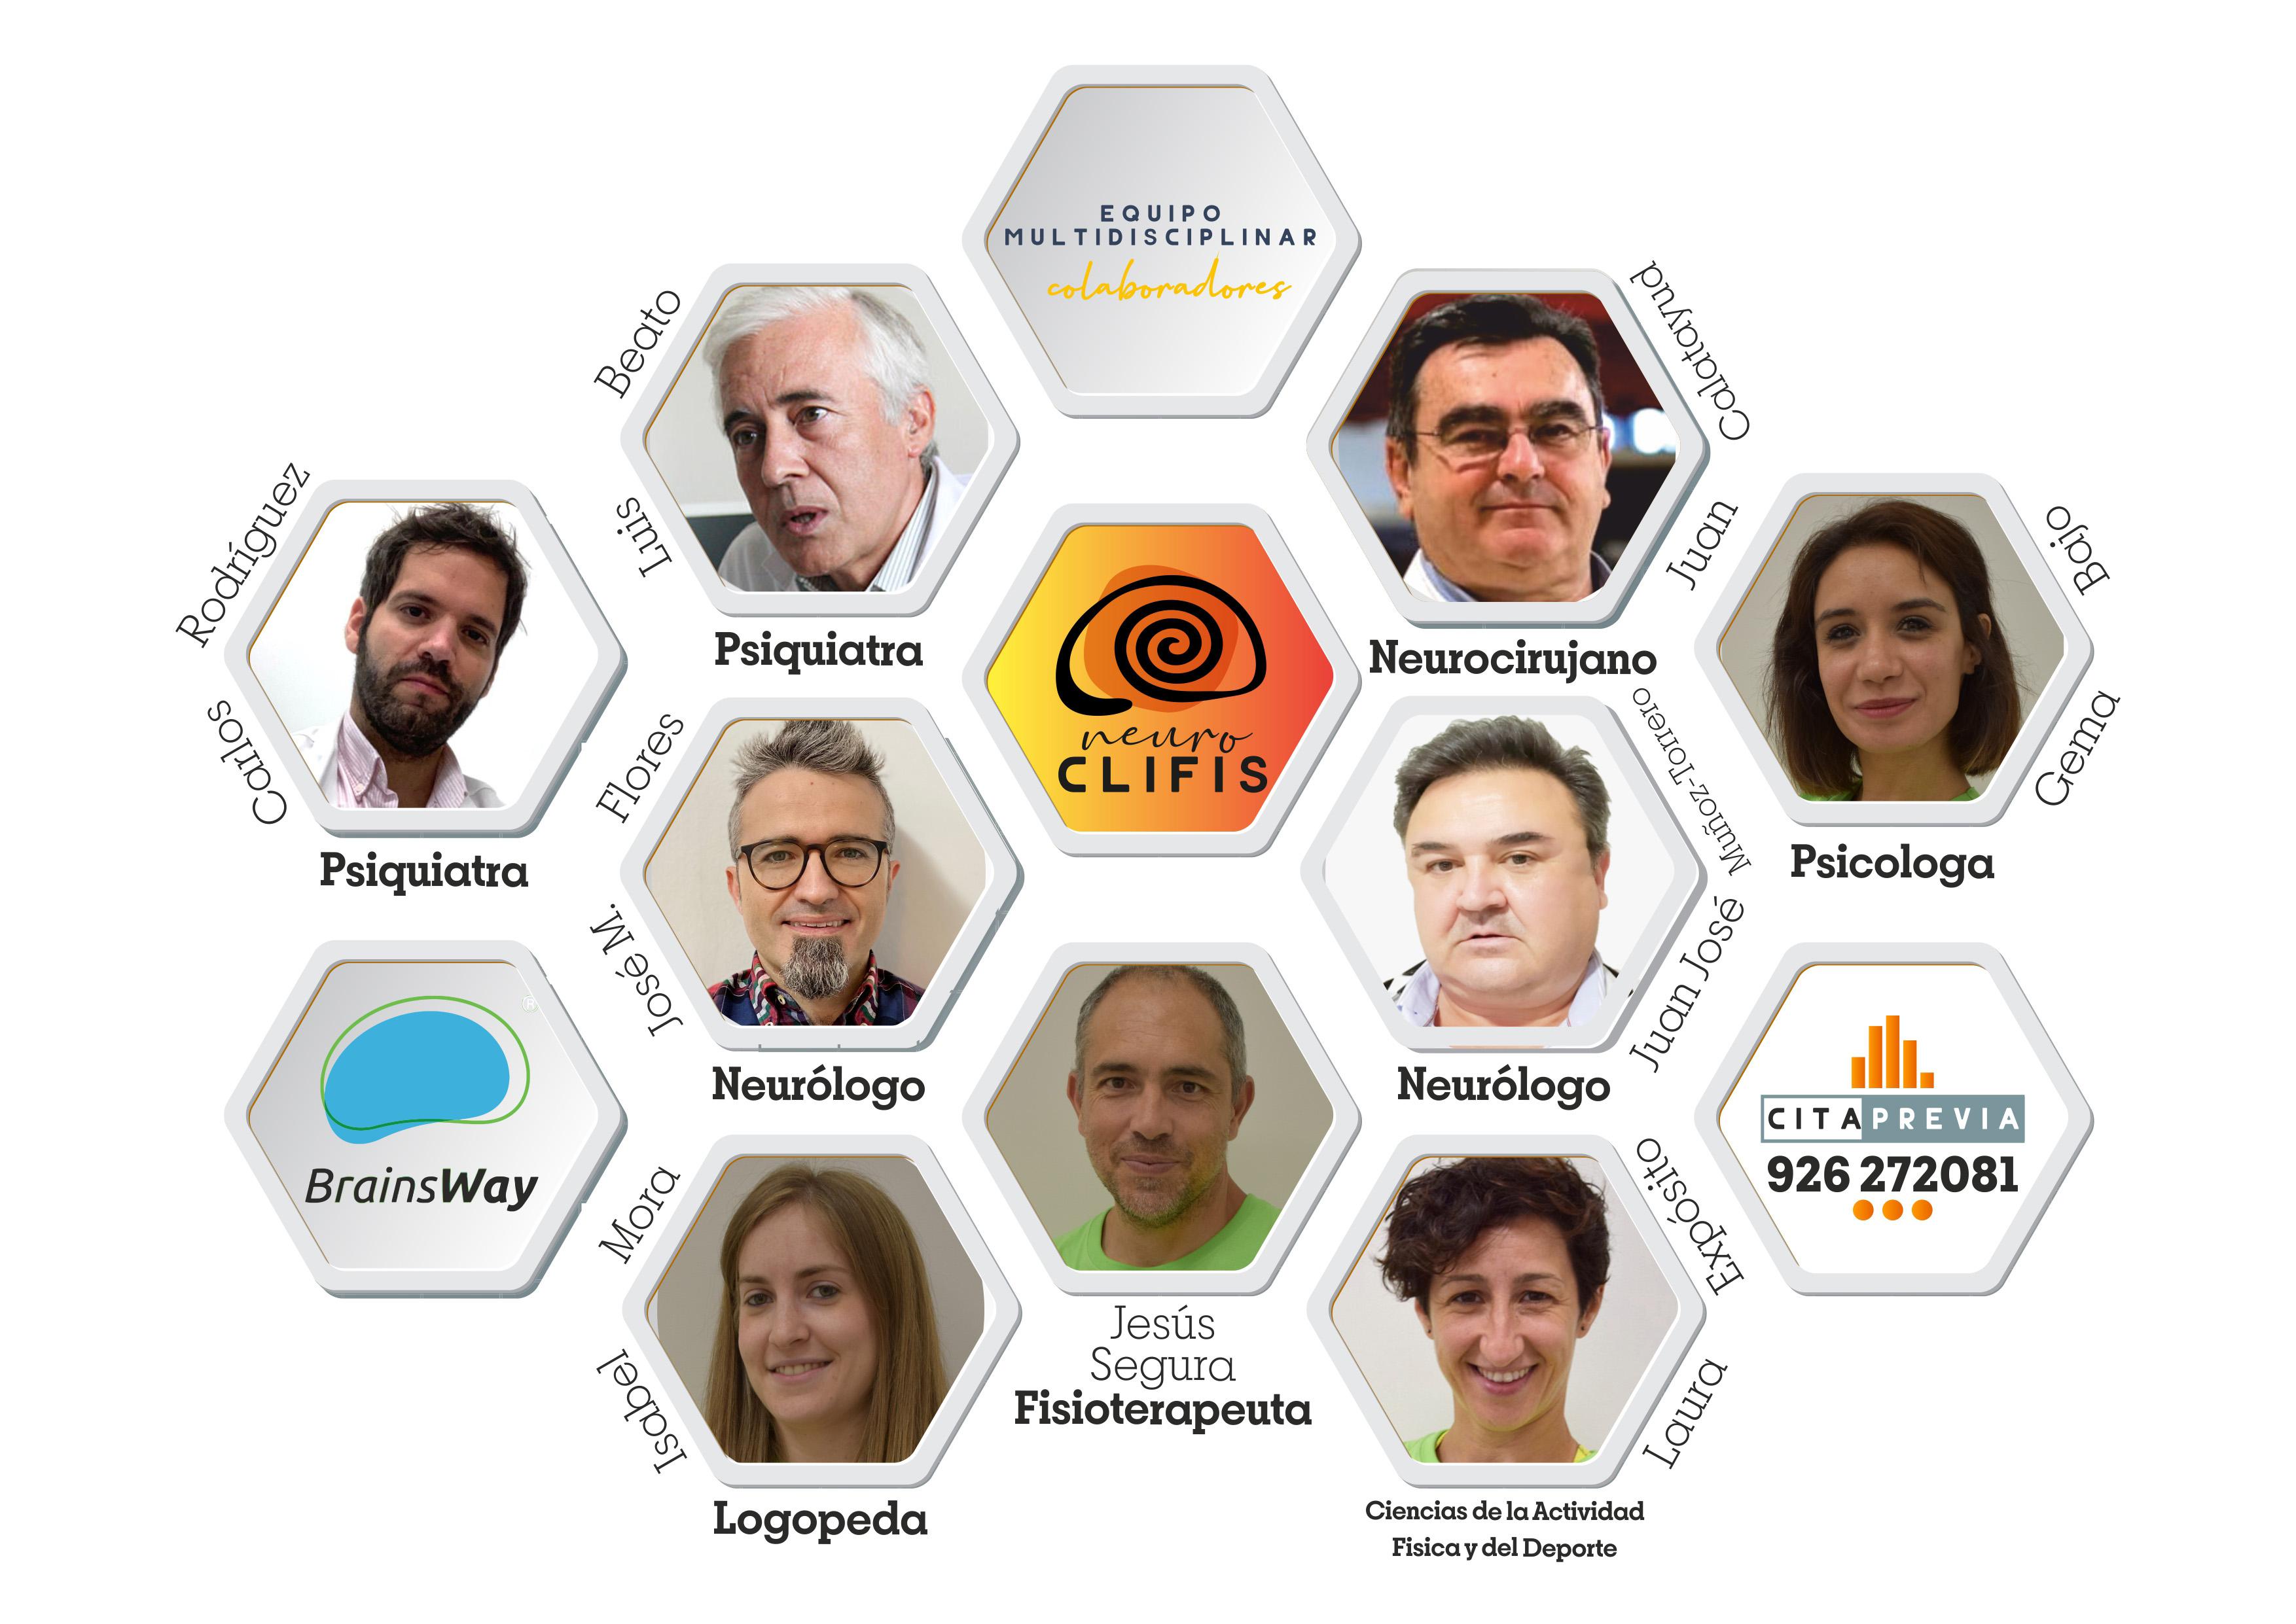 Equipo Multidisciplinar BrainsWay CLIFIS